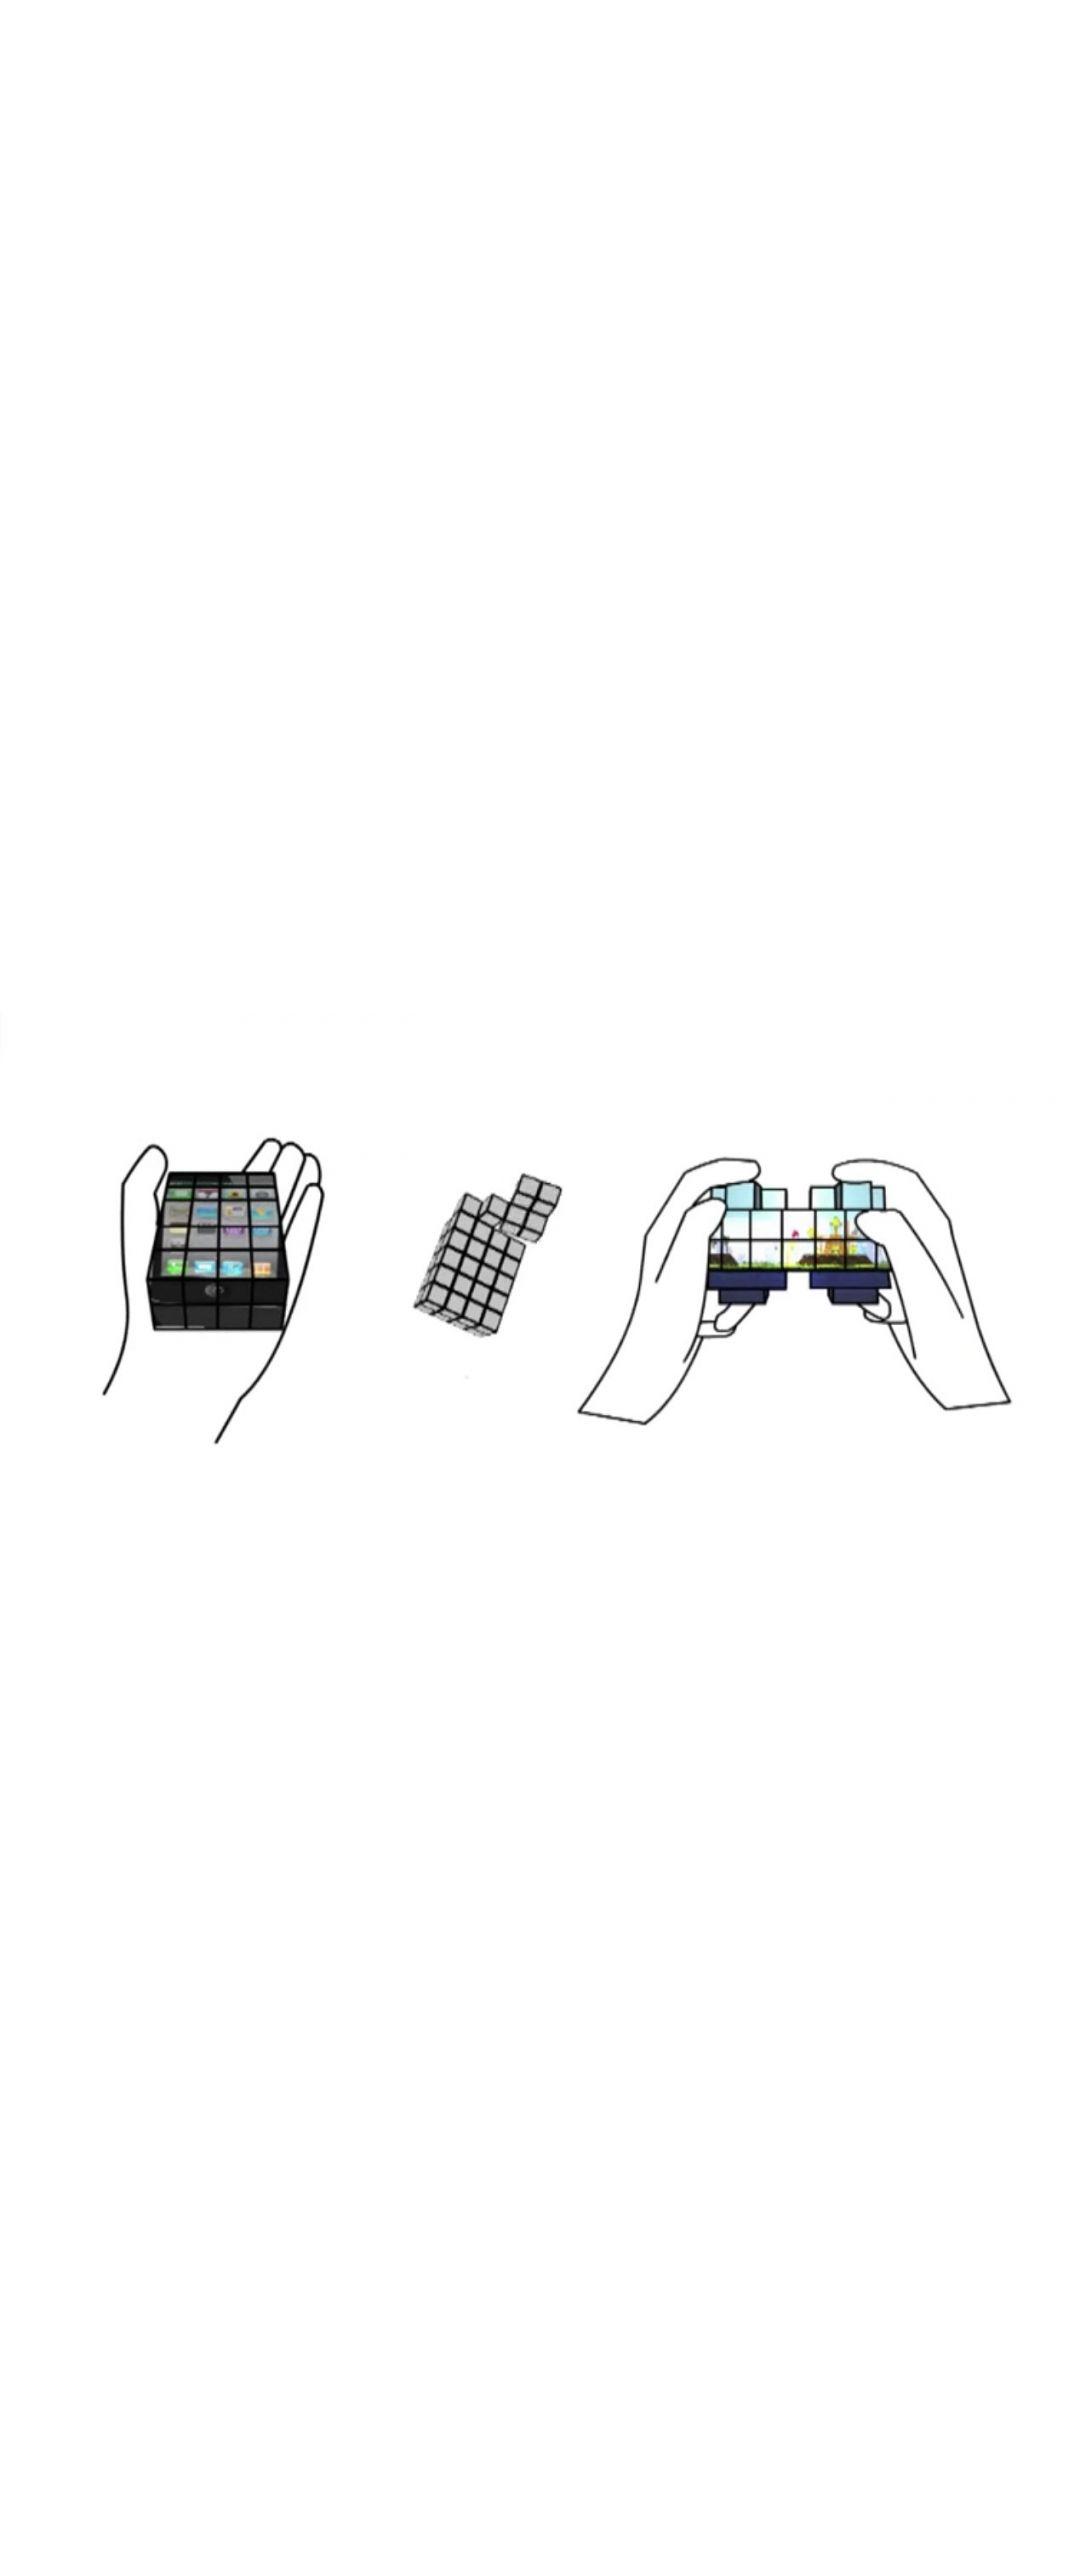 Cubimorph: Cubos con pantallas t�ctiles que toman la forma que quieras